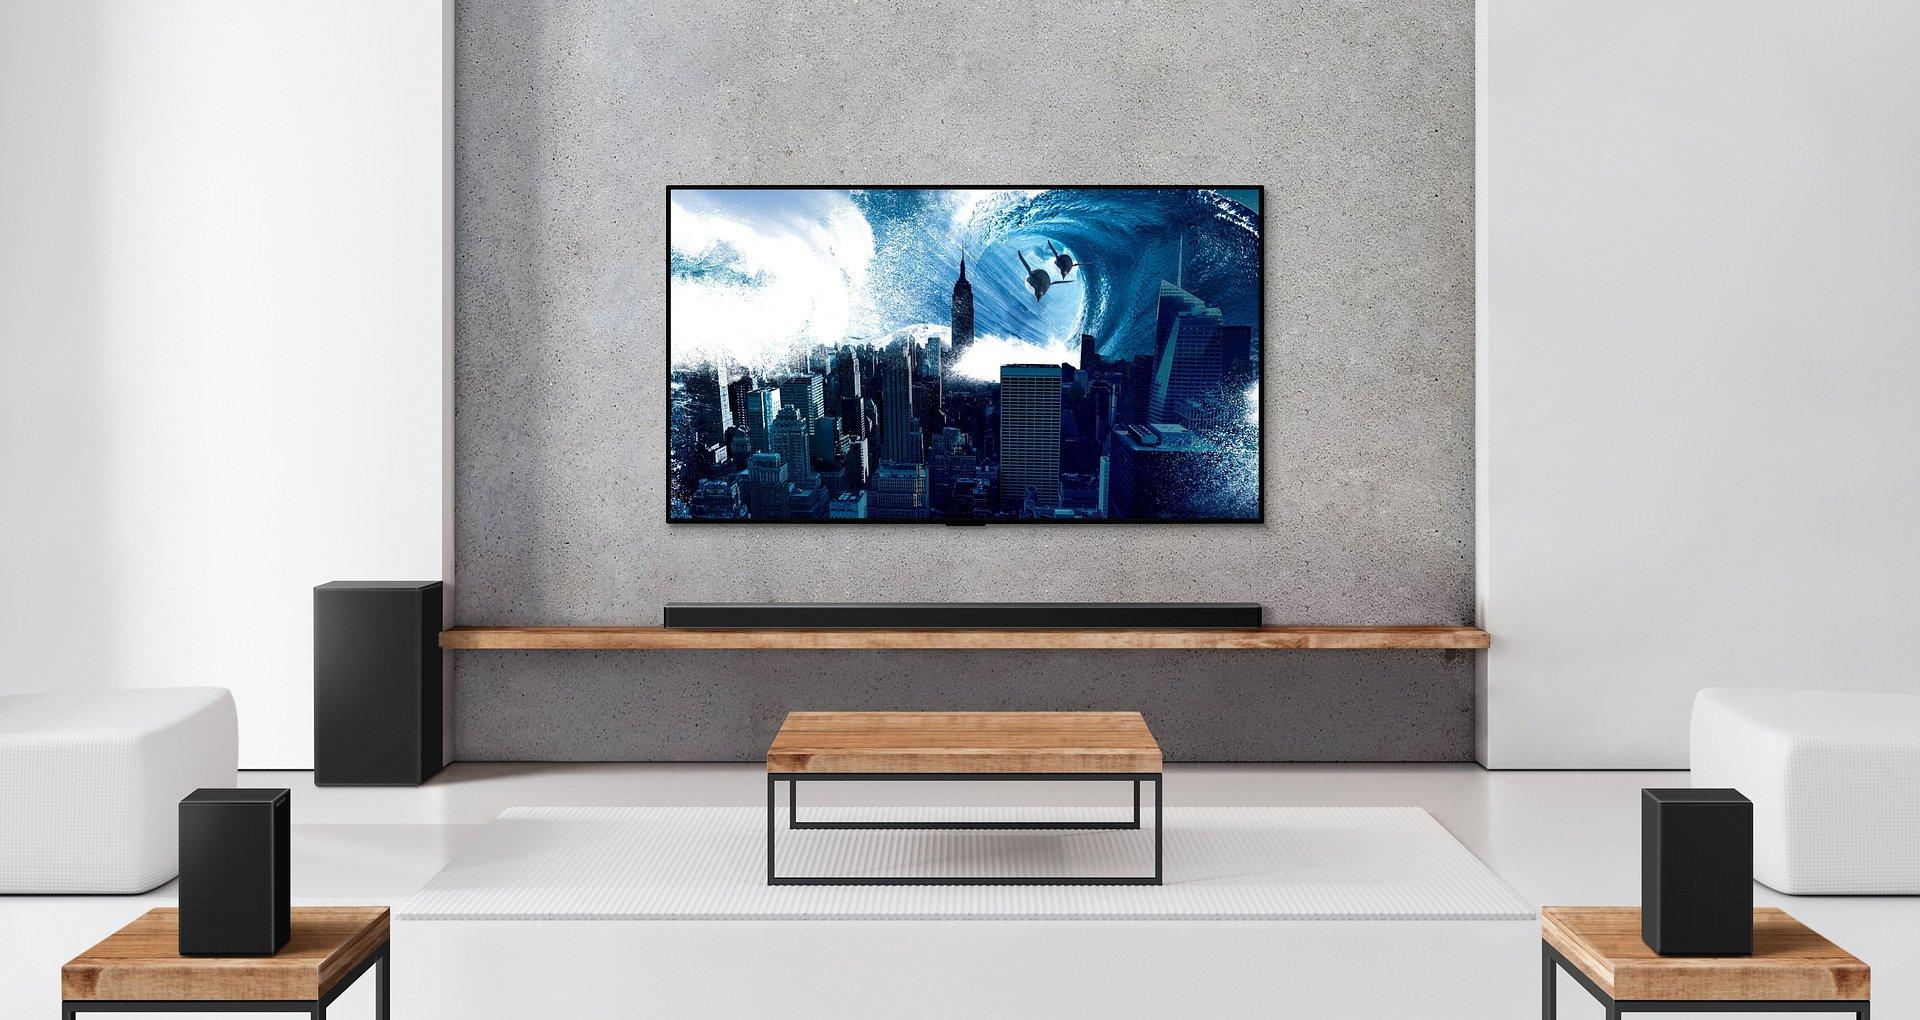 Soundbary LG z 2021 roku oferują najwyższą jakość dźwięku i zapewniają dostęp do funkcji opartych na sztucznej inteligencji. Zostały opracowane z uwzględnieniem zasad zrównoważonego projektowania